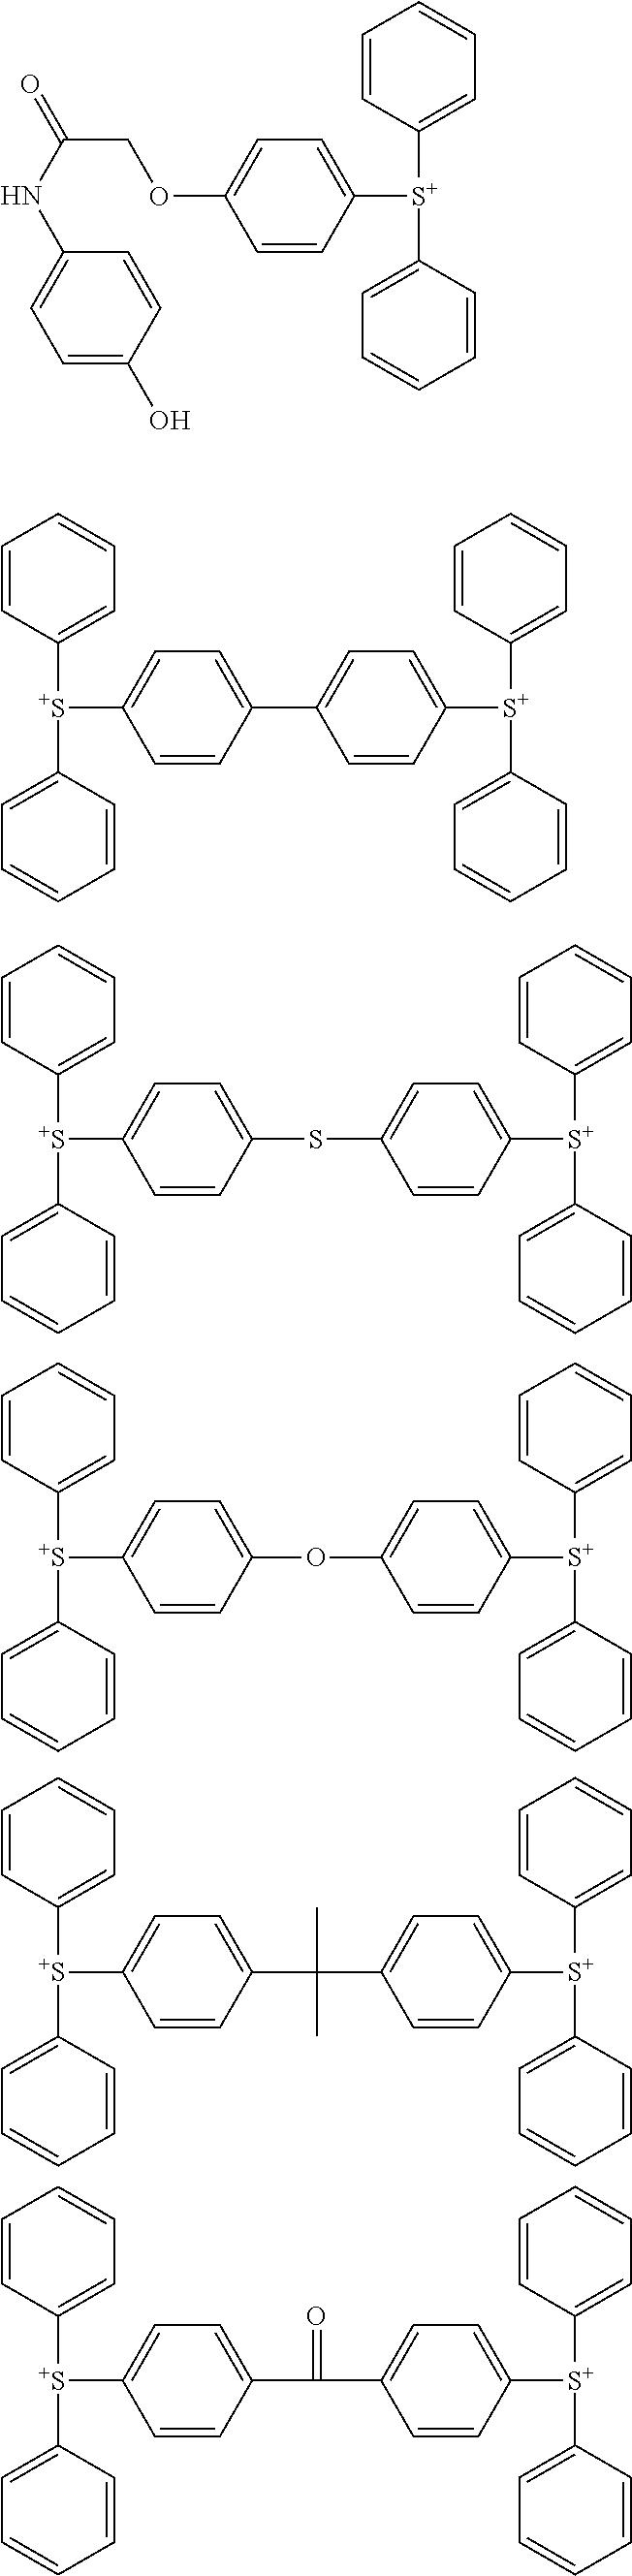 Figure US08822136-20140902-C00110